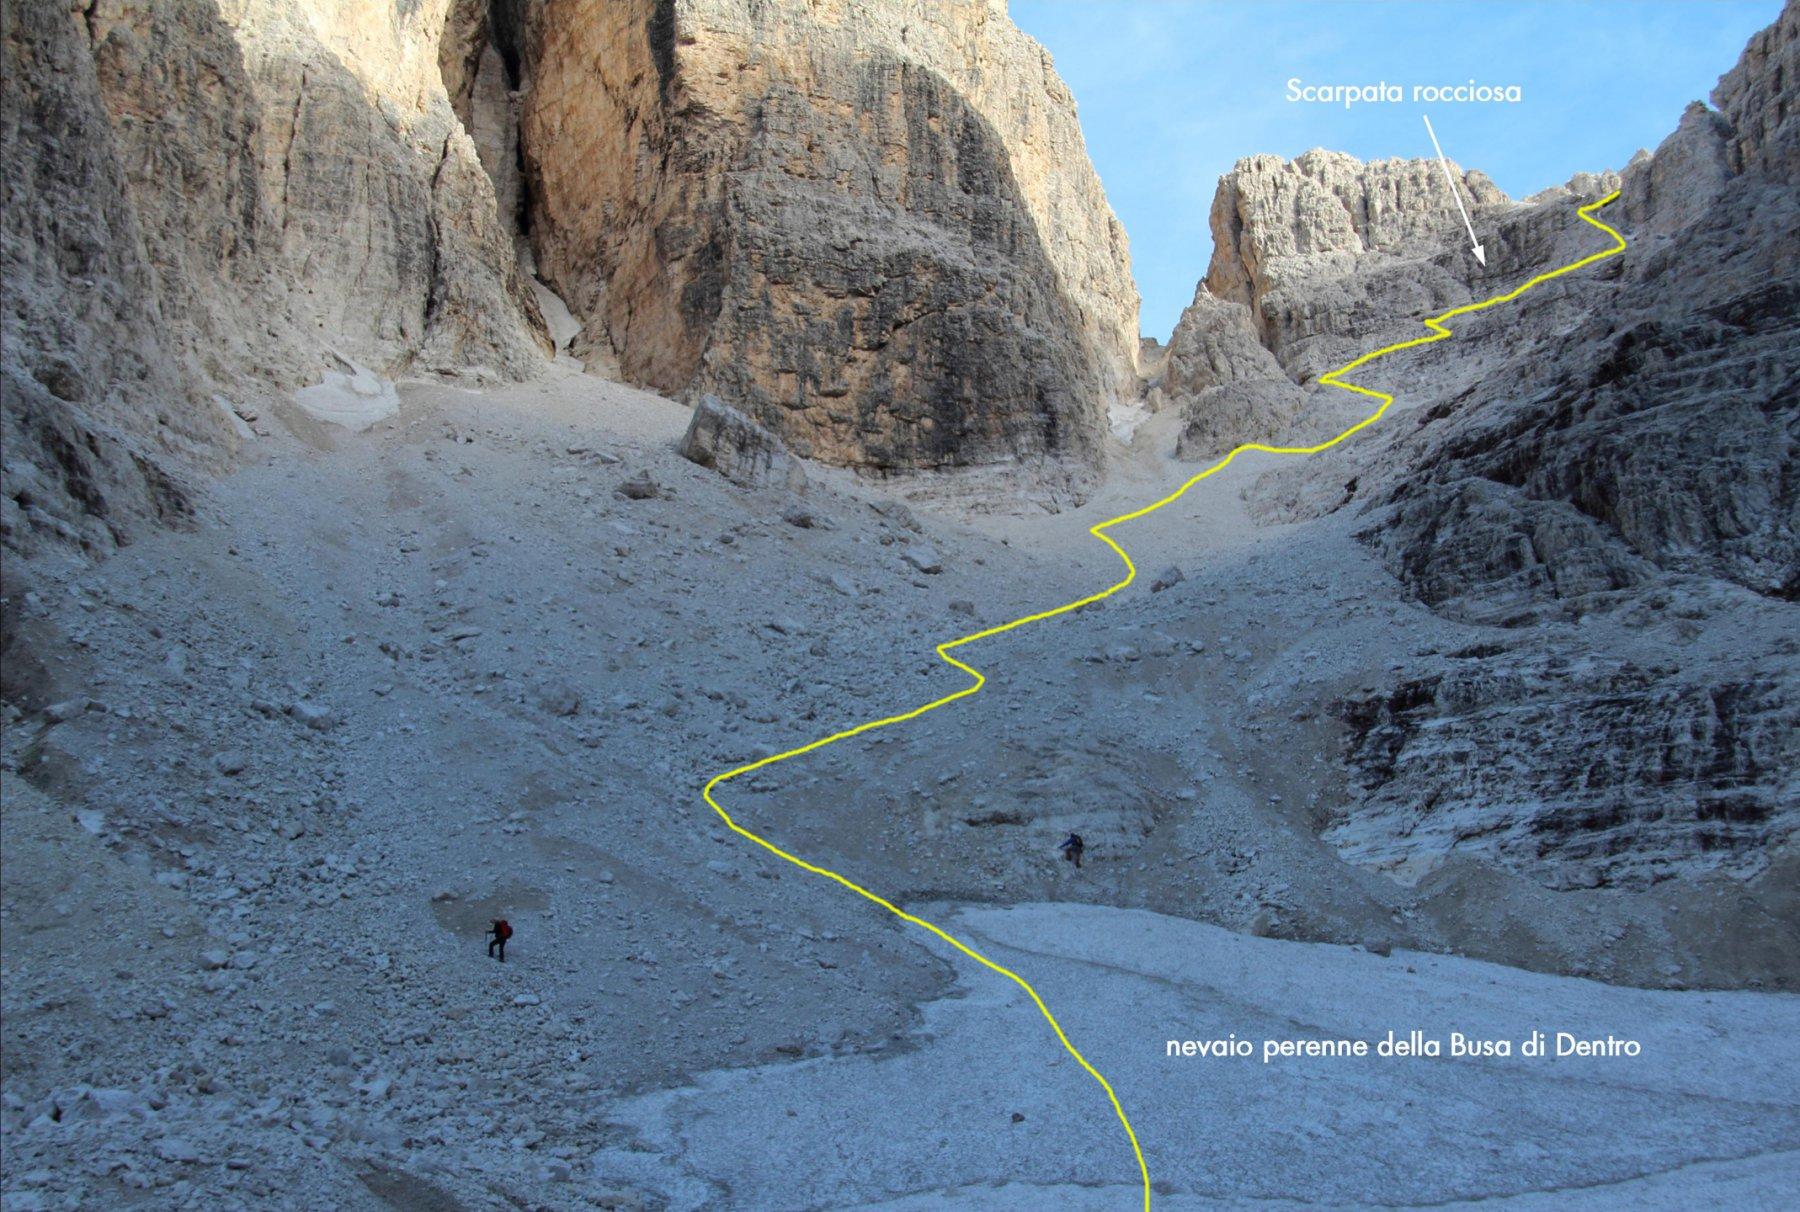 itinerario di salita osservato dal nevaio perenne della Busa di Dentro (19-9-2015)